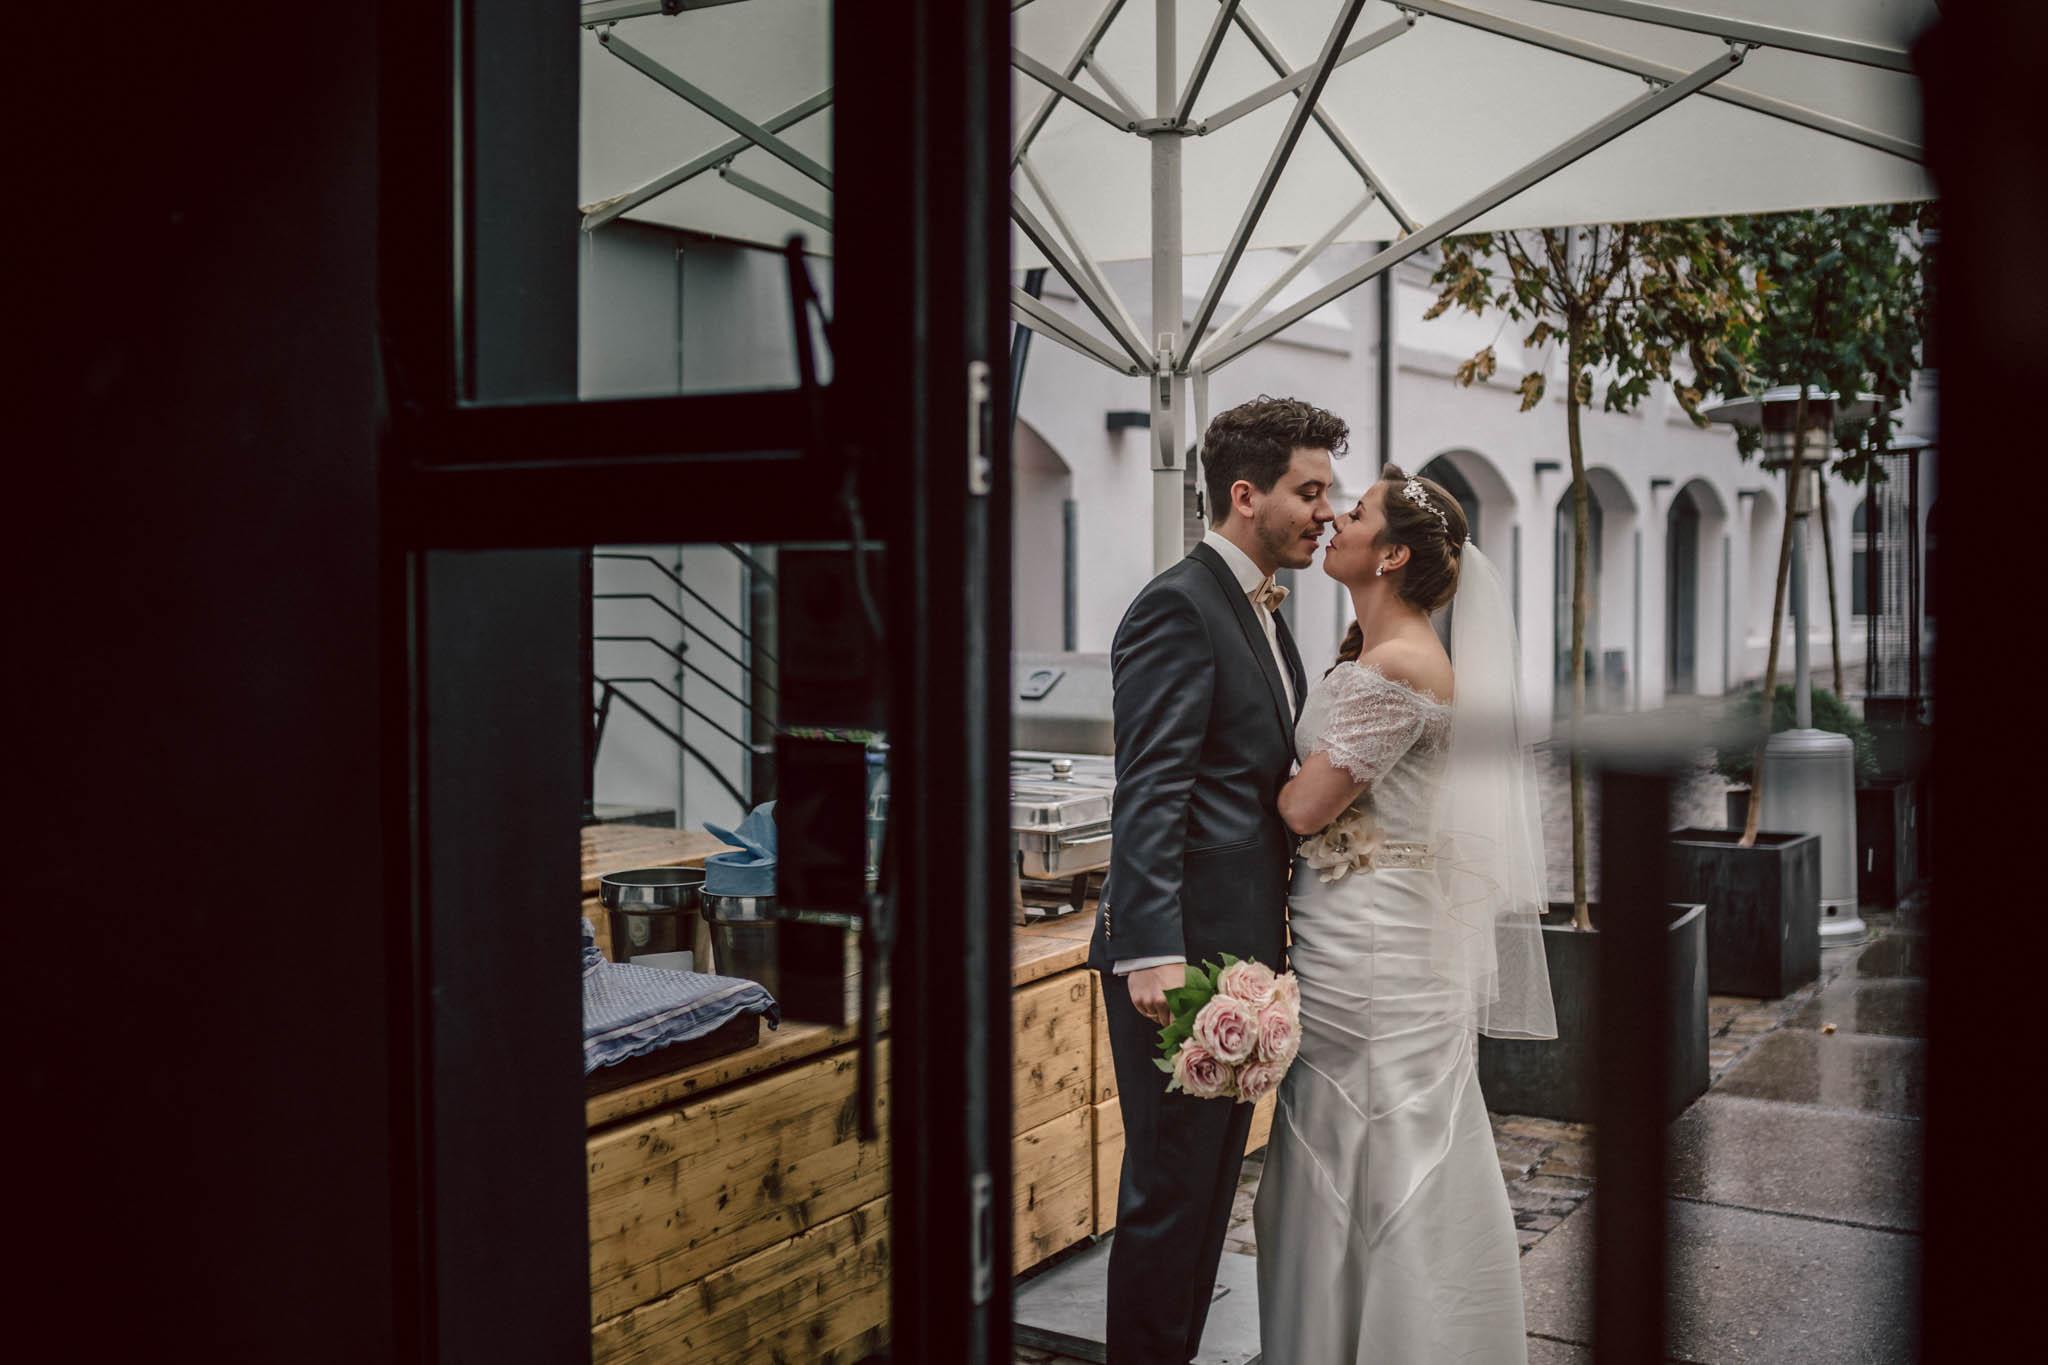 Hochzeitsfieber by Photo-Schomburg, Wedding, Hochzeitsfotograf, Hochzeitspaar, Braut, Bräutigam, Hochzeitstag, Hamburg, Landungsbrücken, Hafenliebe-87